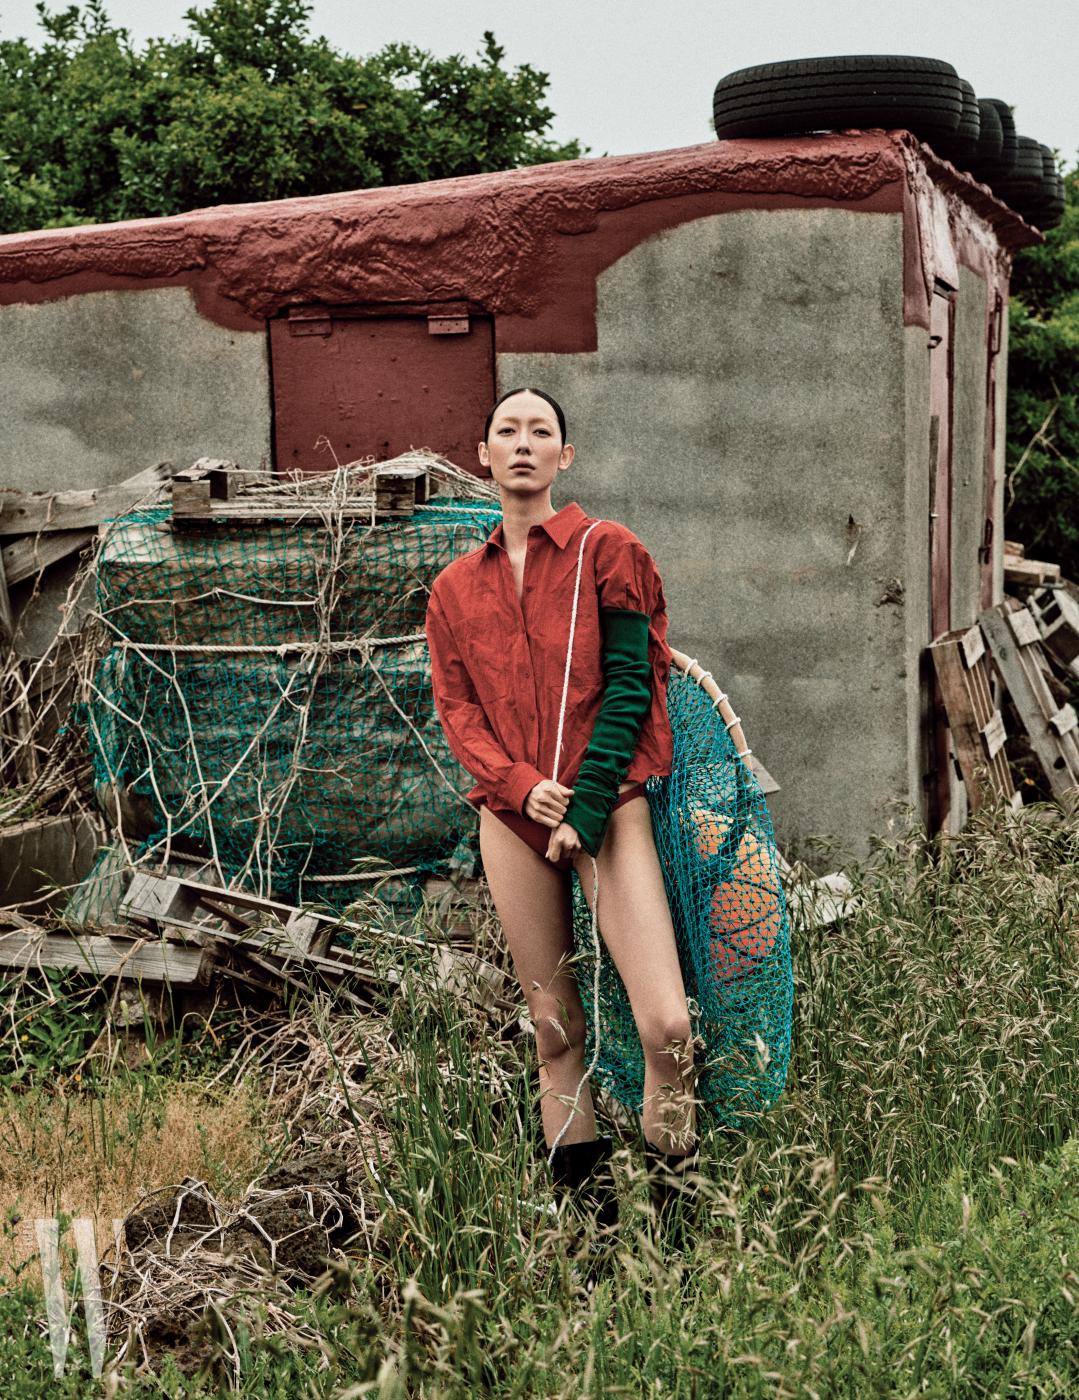 자연스러운 구김이 멋진 셔츠는 Ports 1961, 초록색 팔 워머는 Rick Owens, 빨간색 수영복은 Hermes, 검은색 부츠는 Calvin Klein Jeans 제품.